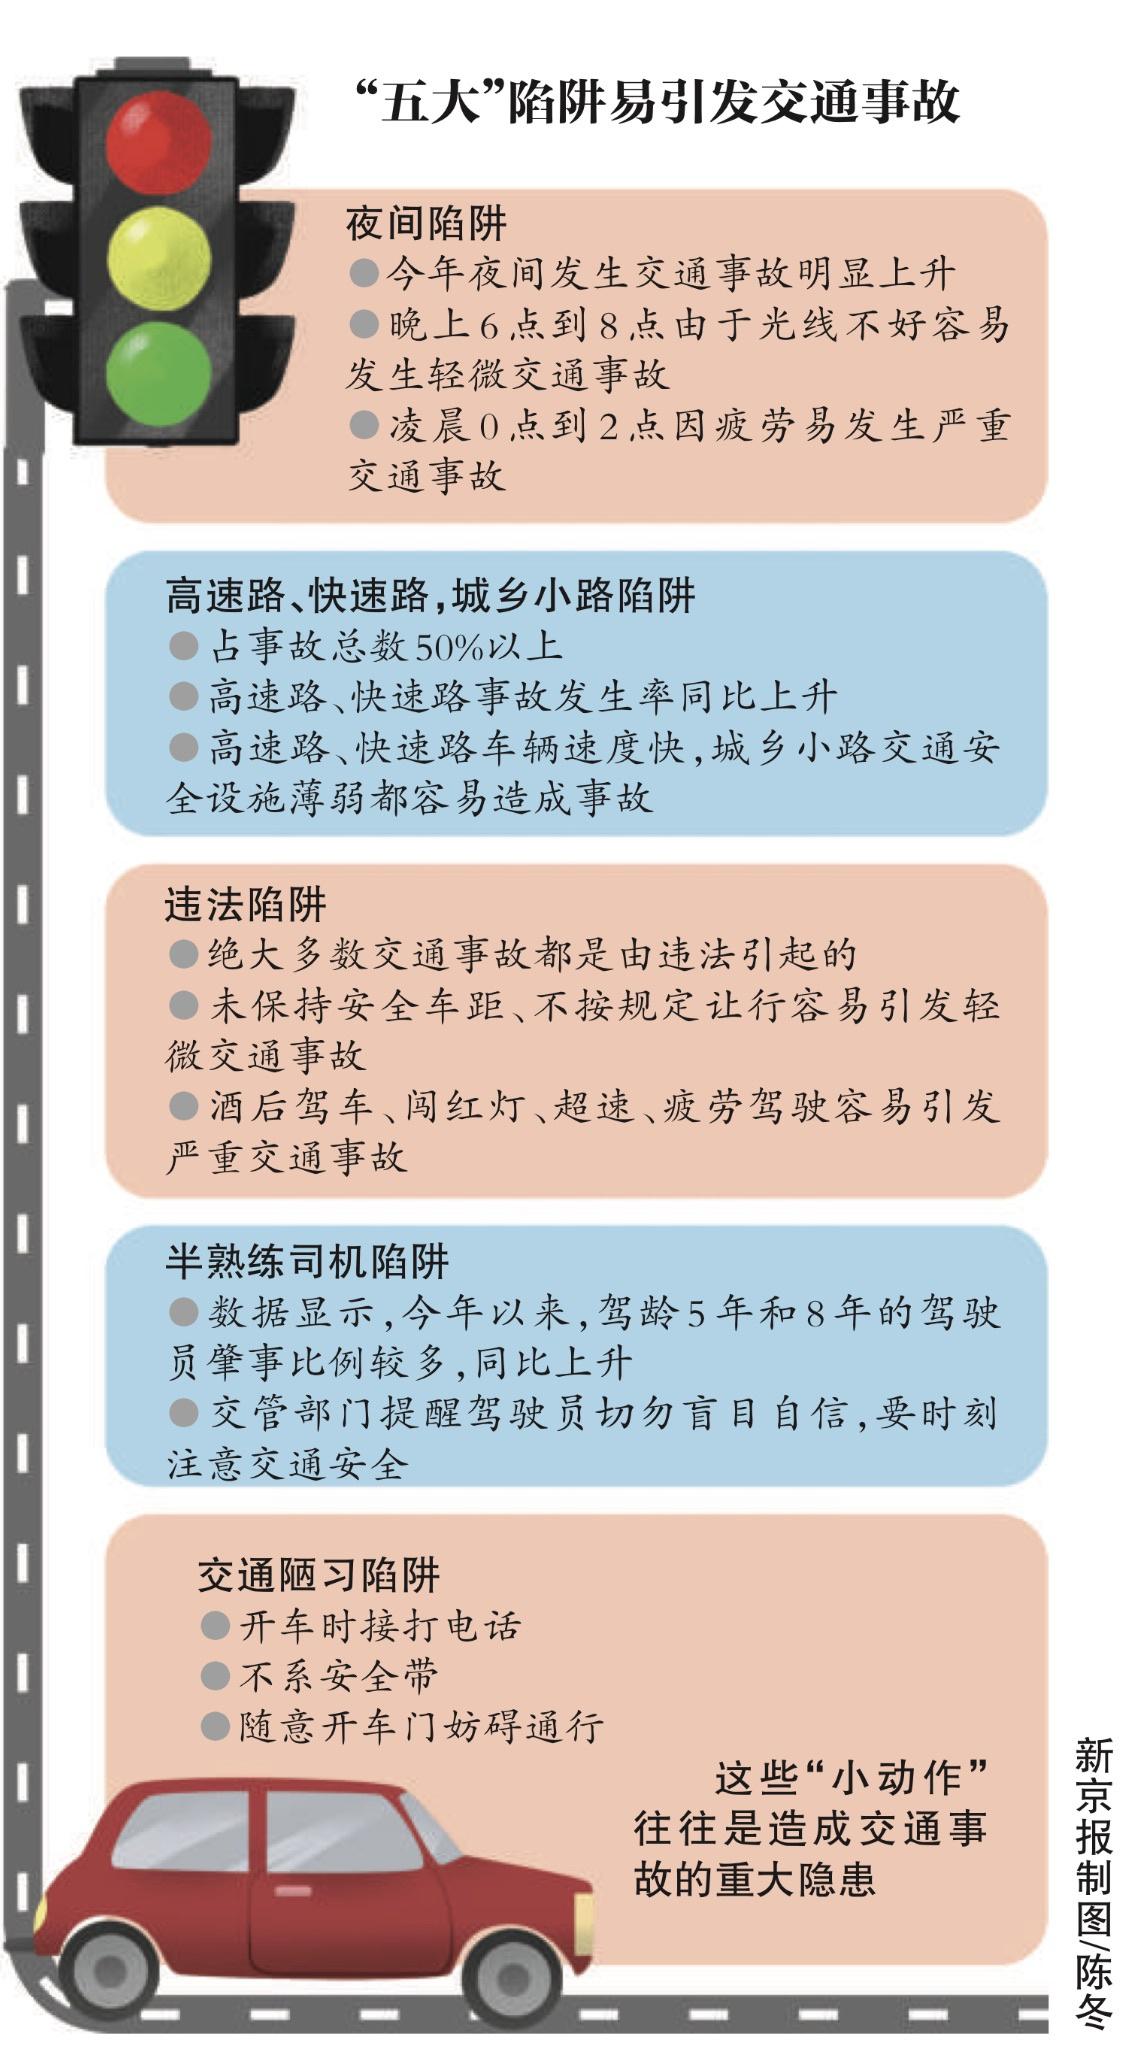 中小行A/H股之痛:鄭州銀行定增獲批股價卻創新低